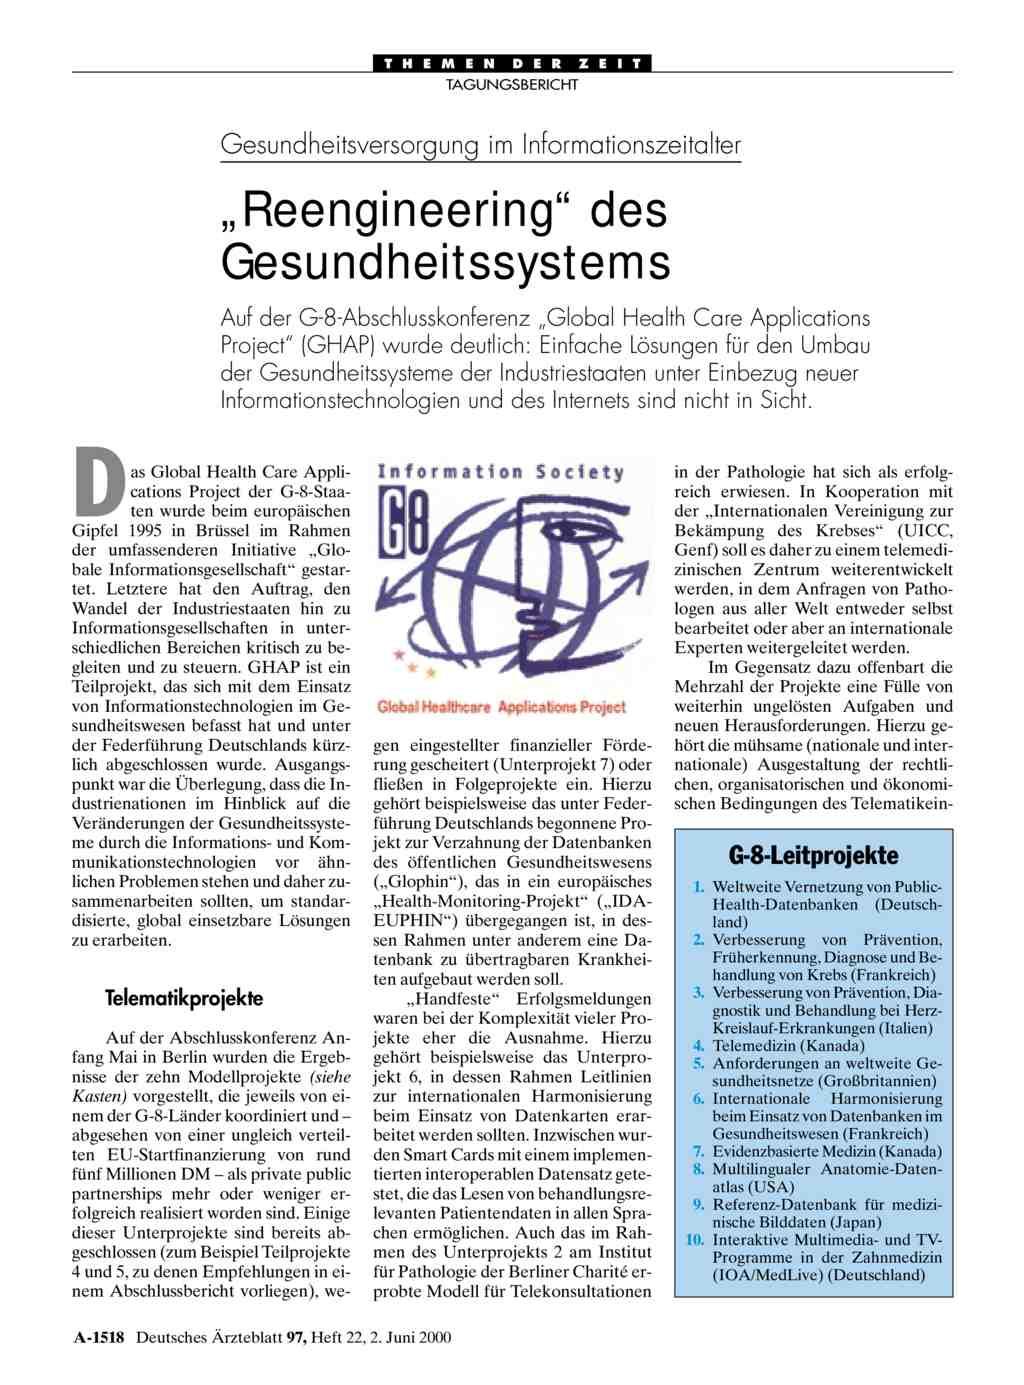 Wunderbar Anatomie Forschung Papier Themen Bilder - Anatomie Ideen ...